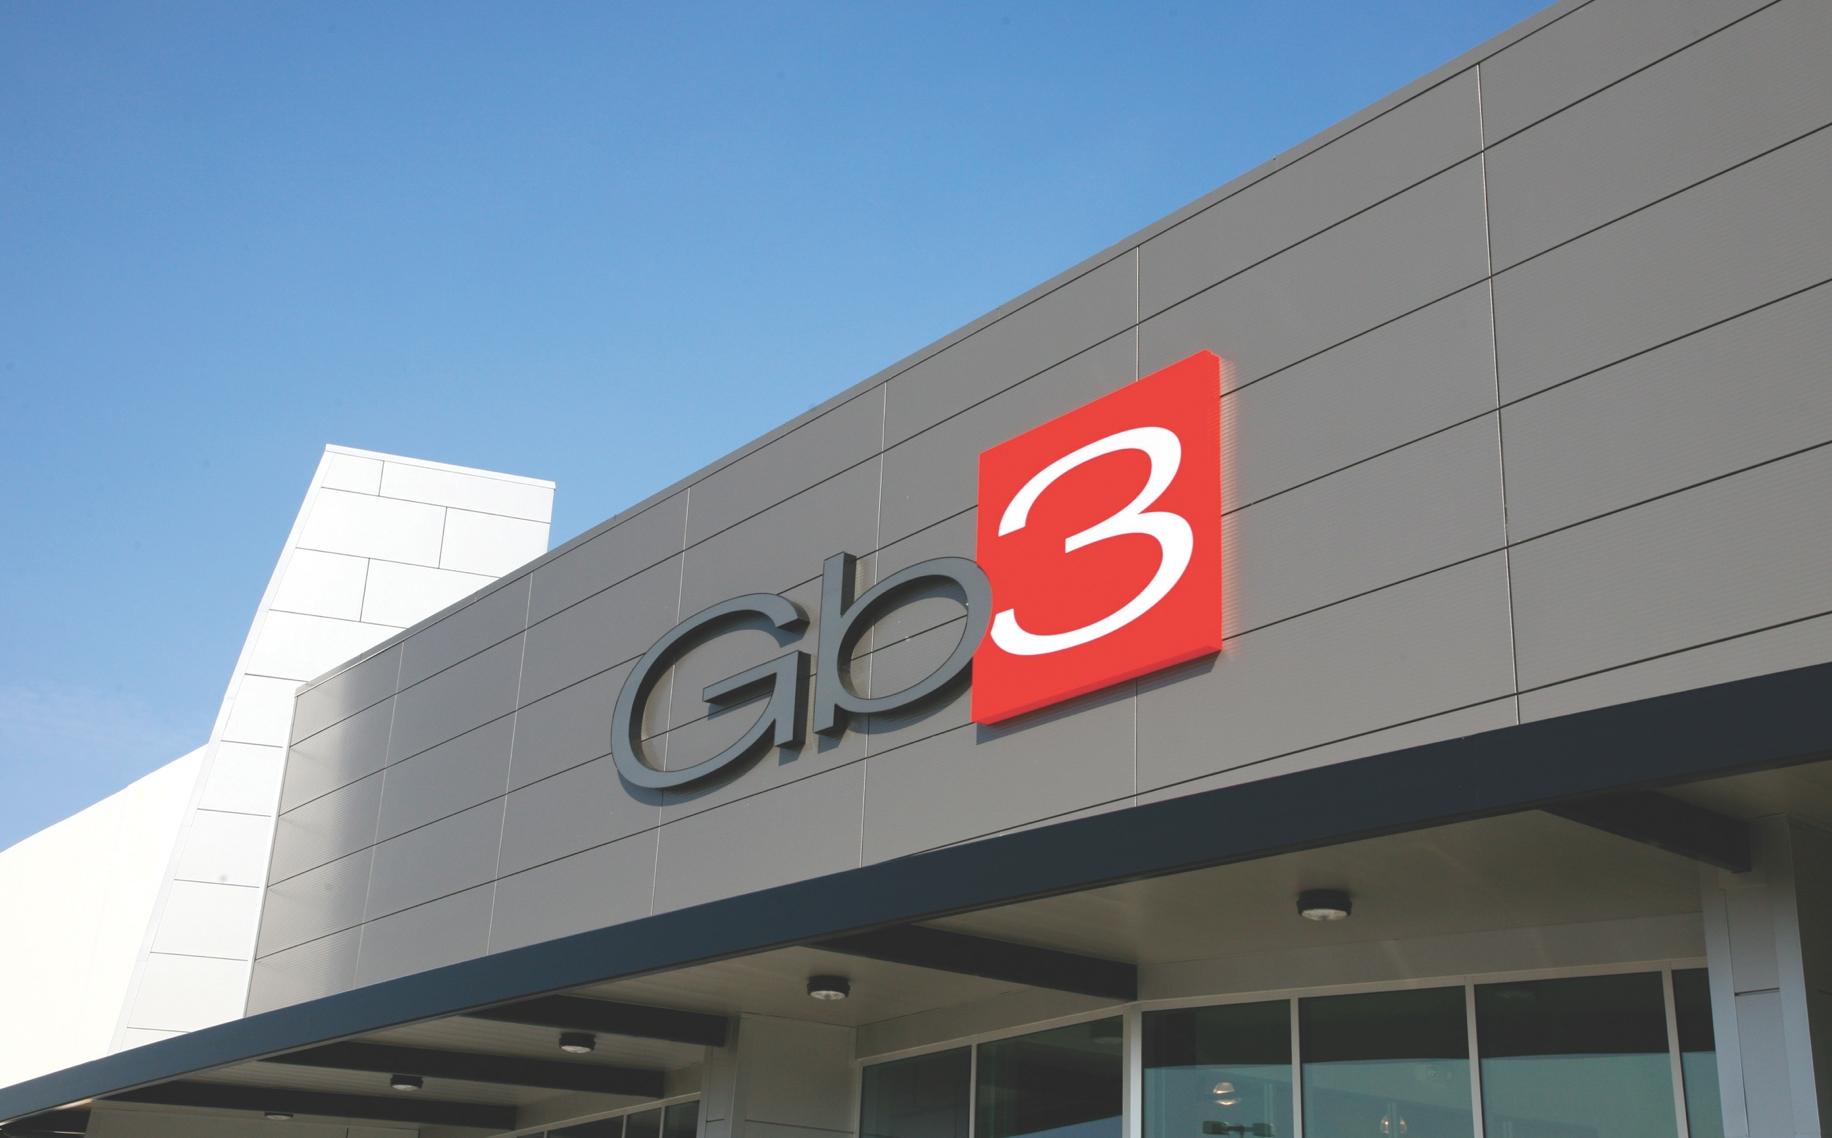 gb3clubs.com